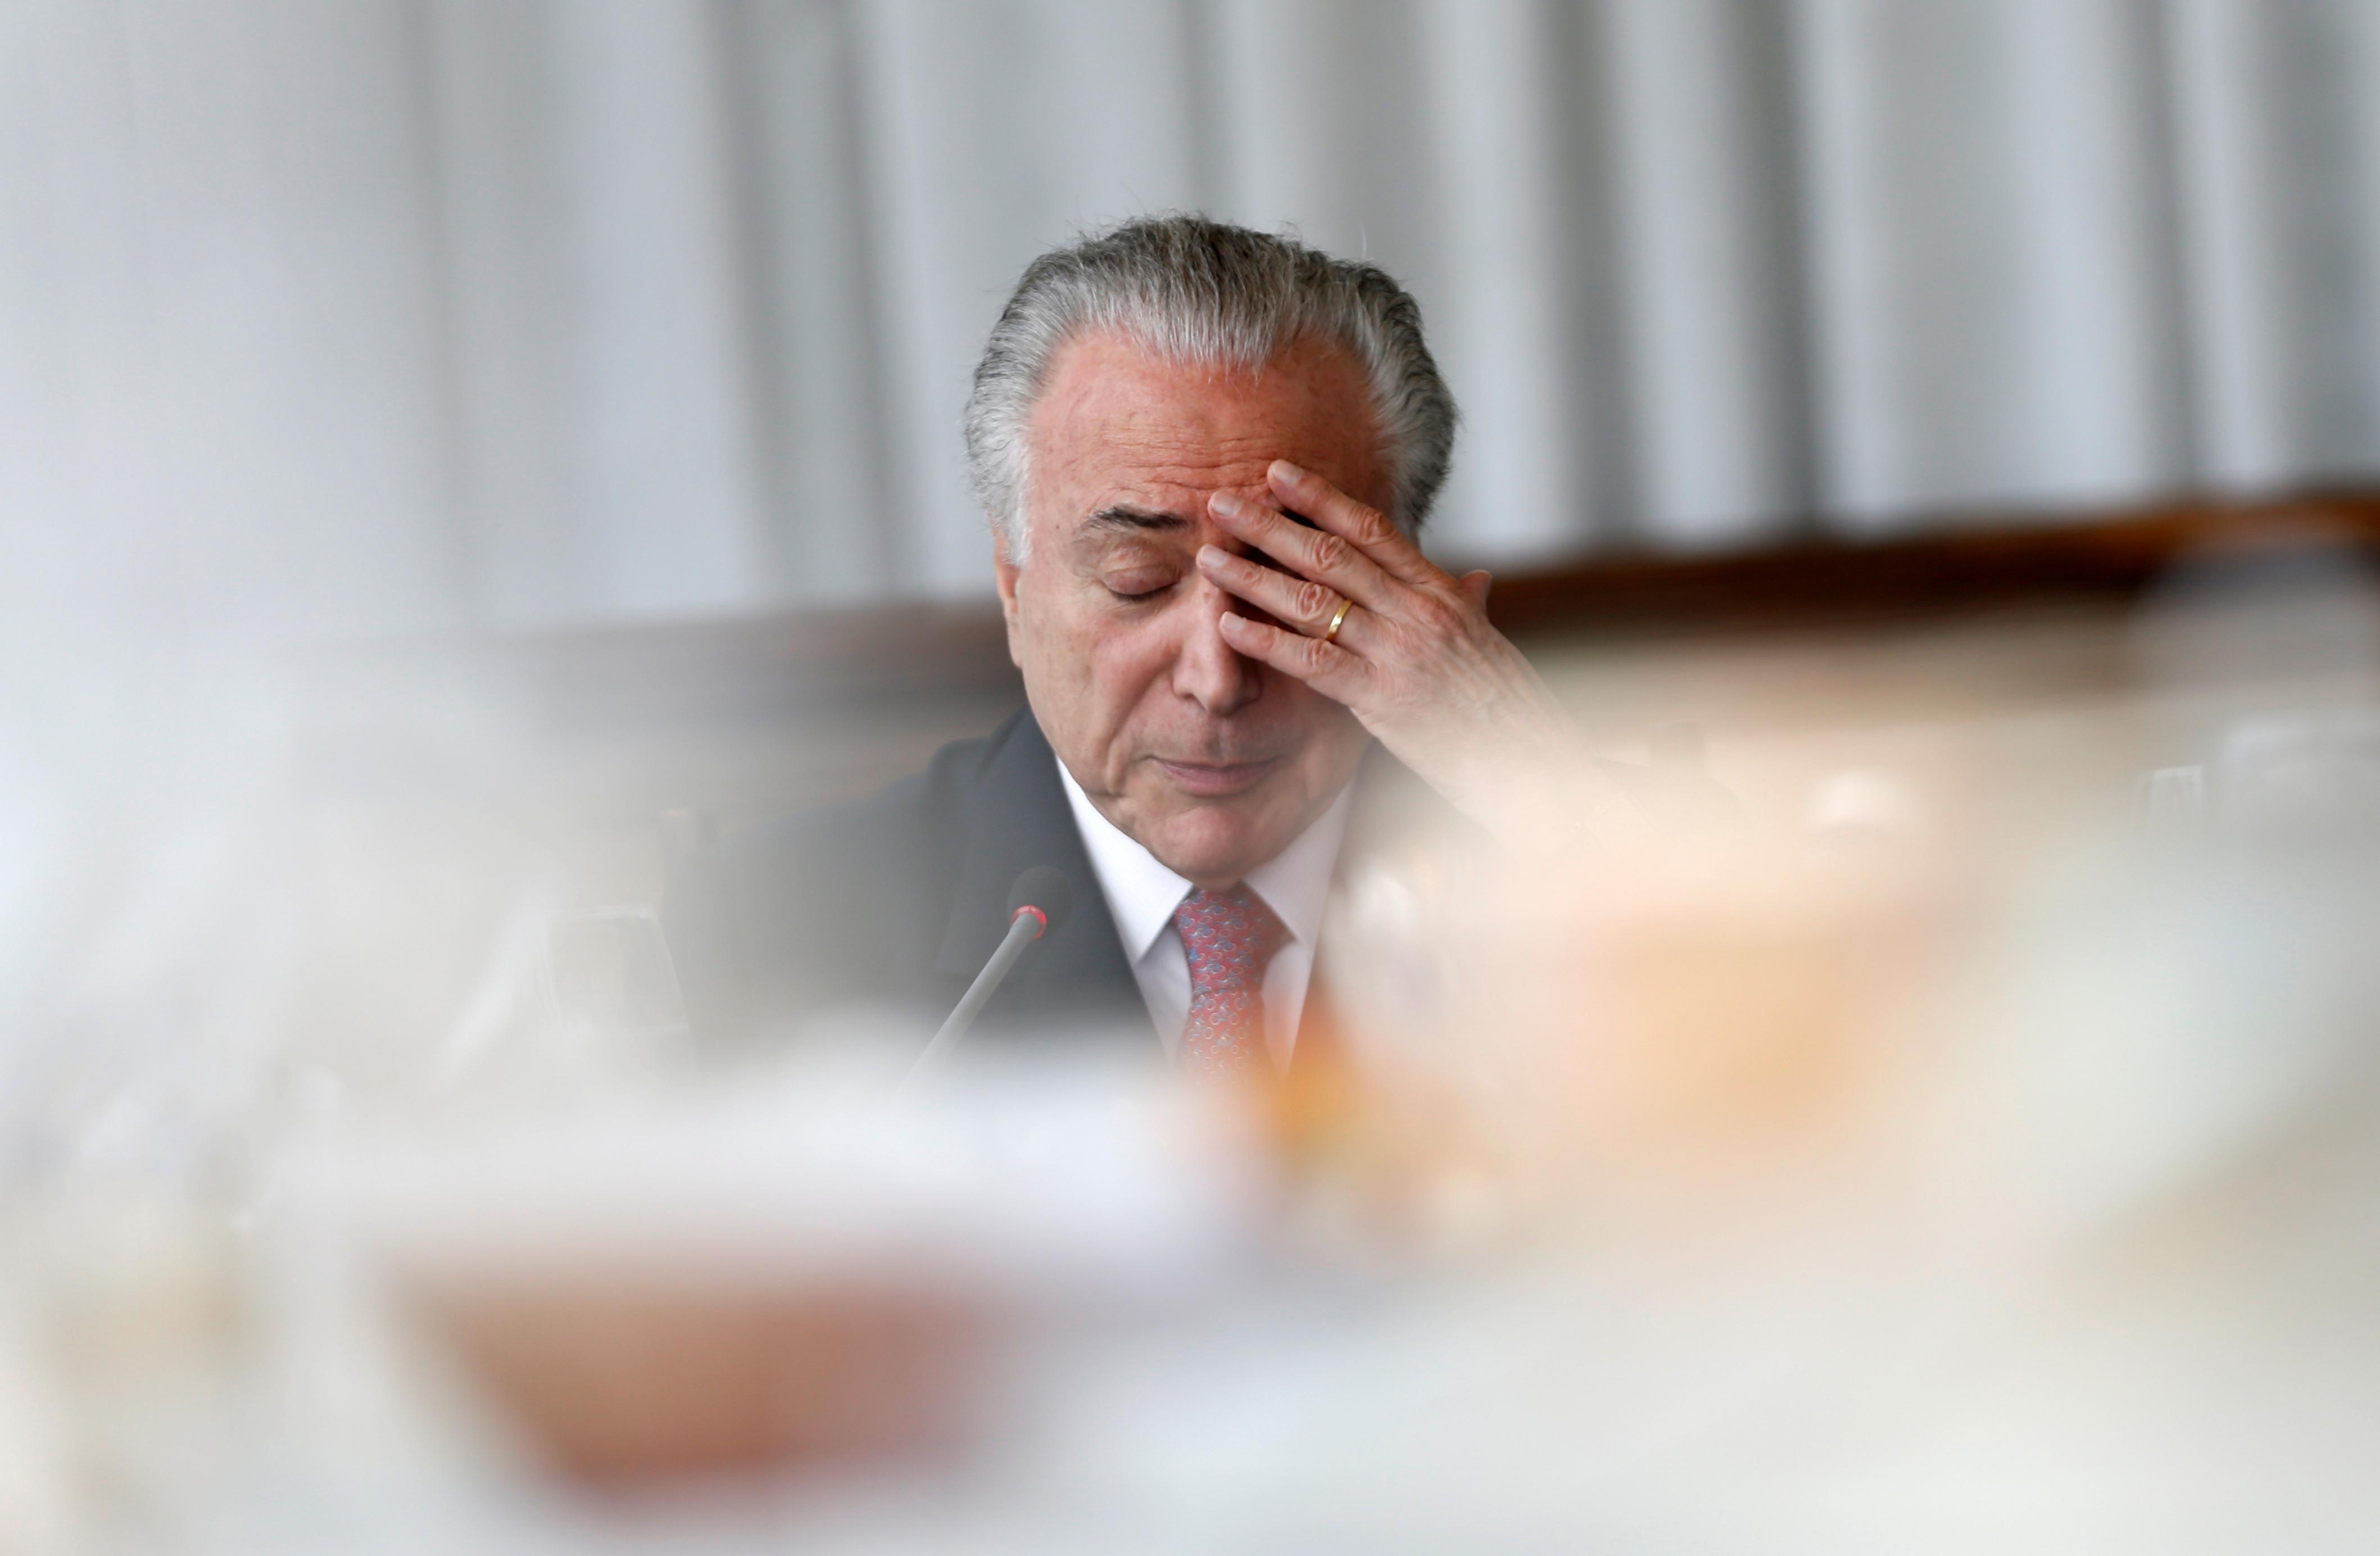 Vizinho de Temer é apontado como 'caixa-forte' do ex-presidente